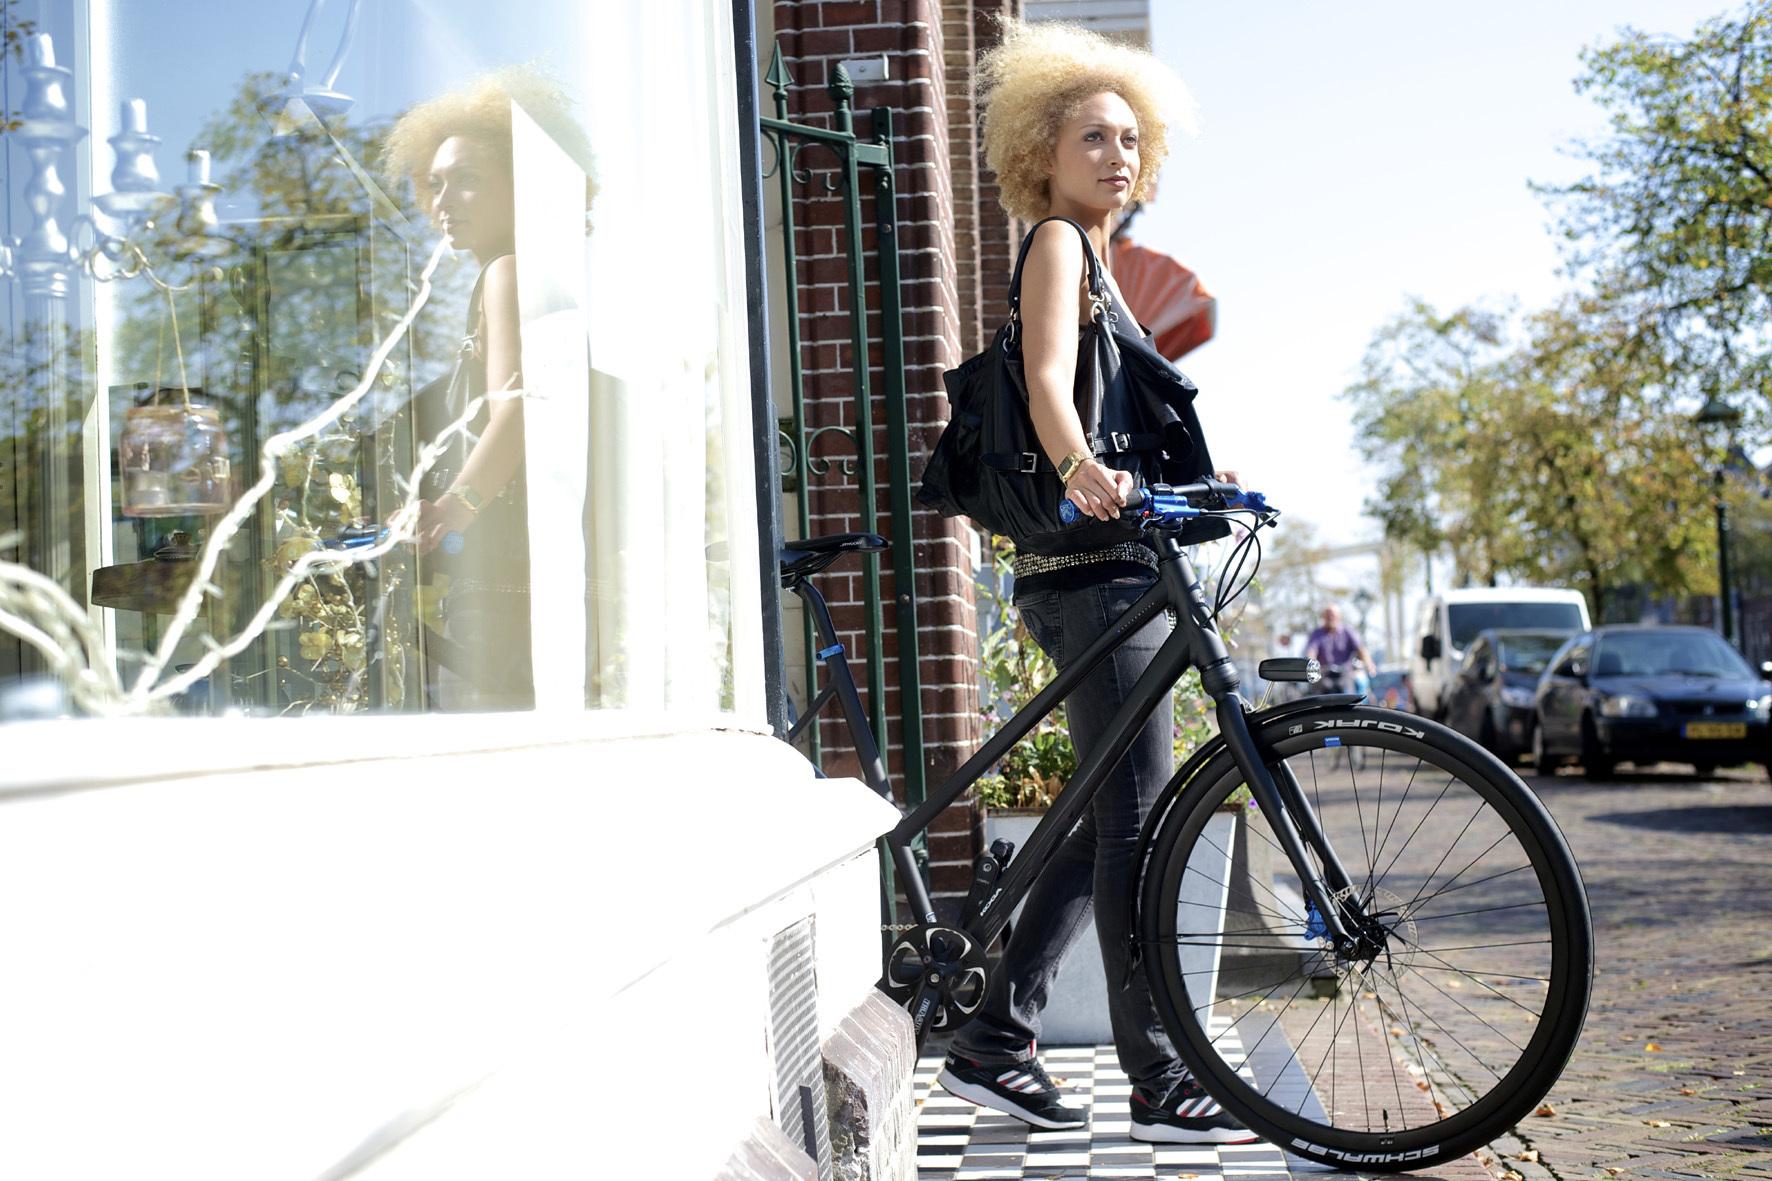 mid Düsseldorf - Spaß, Fitness und frische Luft: Das sind für die meisten deutschen Radfahrer die Hauptgründe, um in die Pedale zu treten.